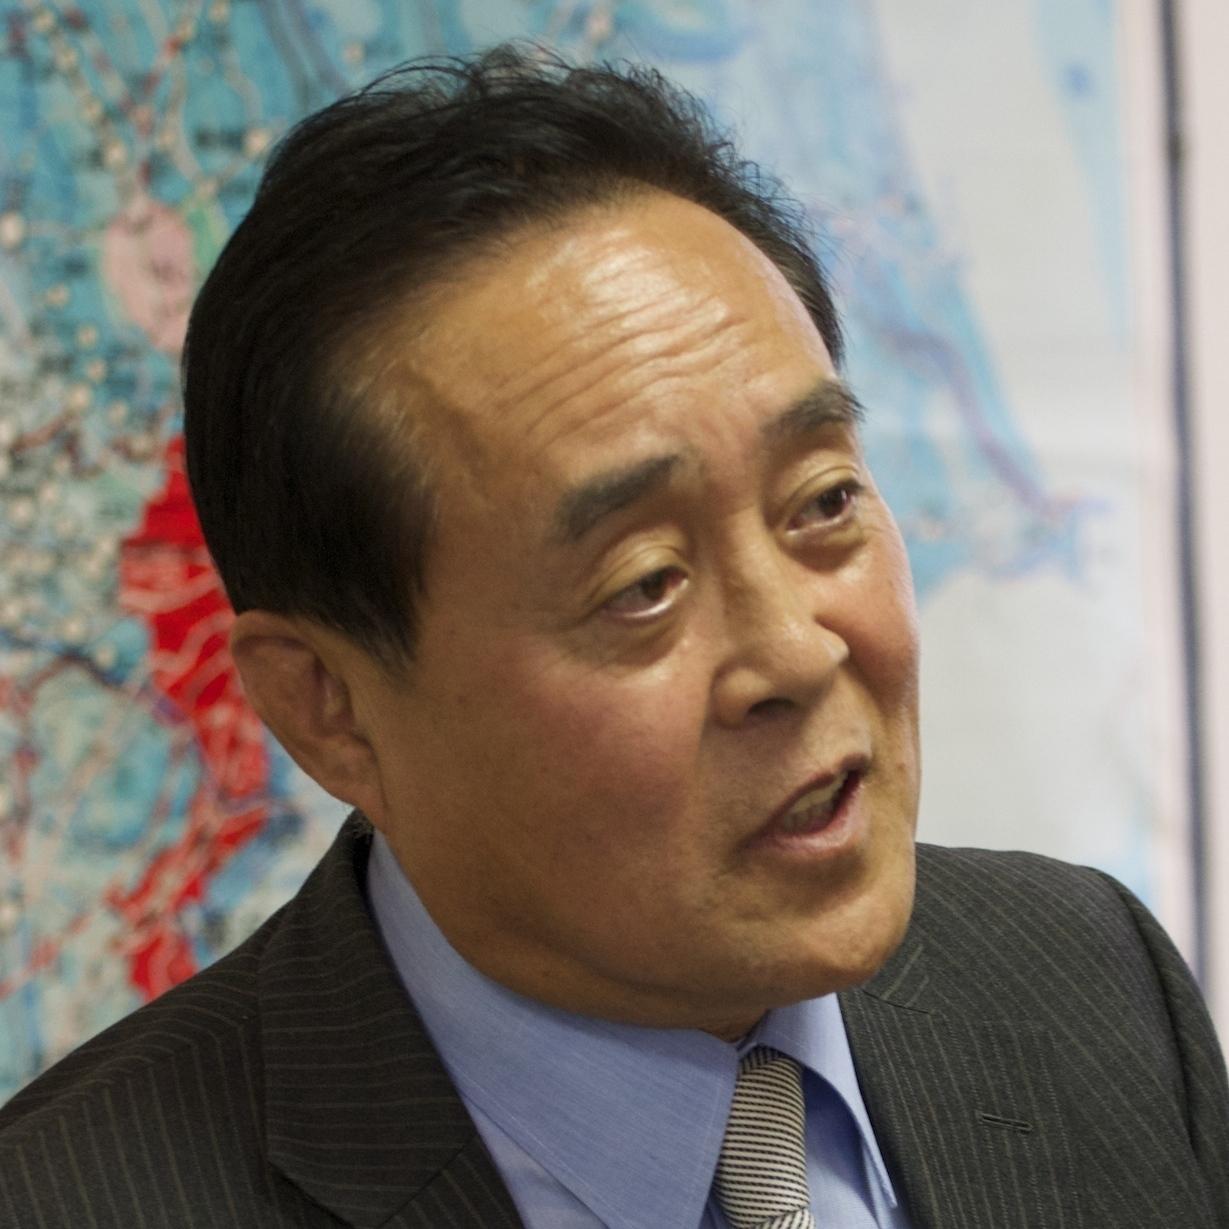 日本瓦斯社長 和田眞治 電力・ガスの自由化見据え クラウドで競争力強化